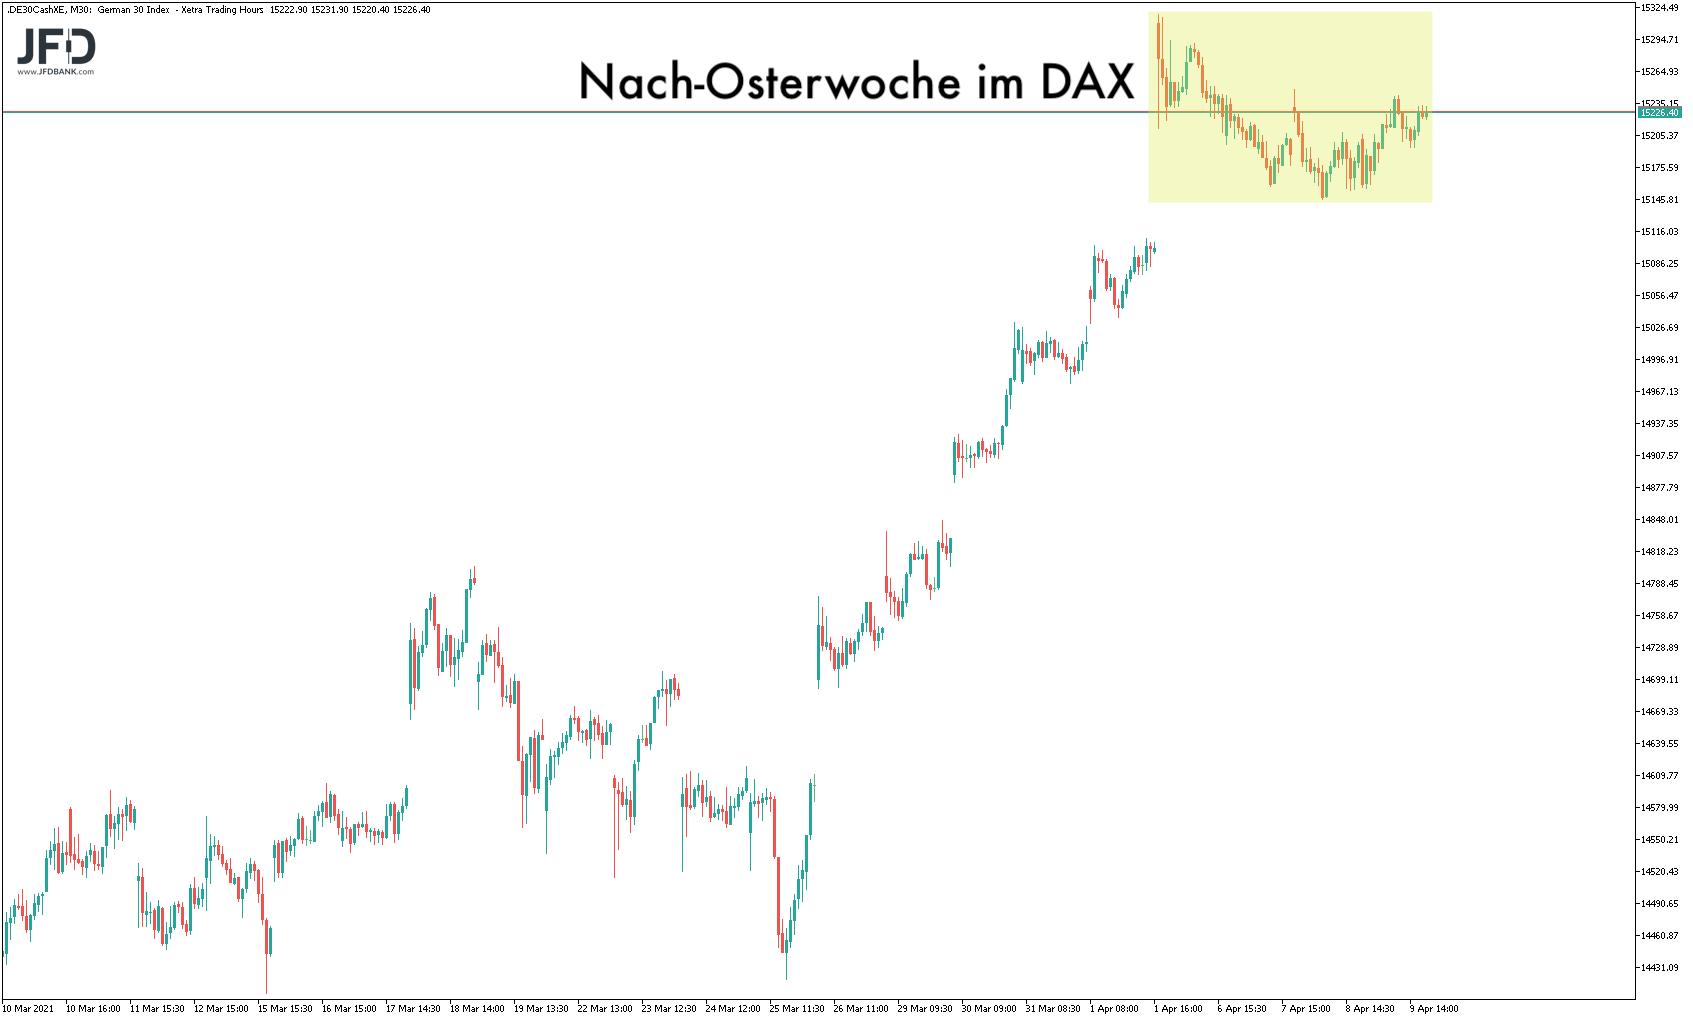 Handelsstart-der-neuen-Woche-in-alter-Range-Kommentar-JFD-Bank-GodmodeTrader.de-1